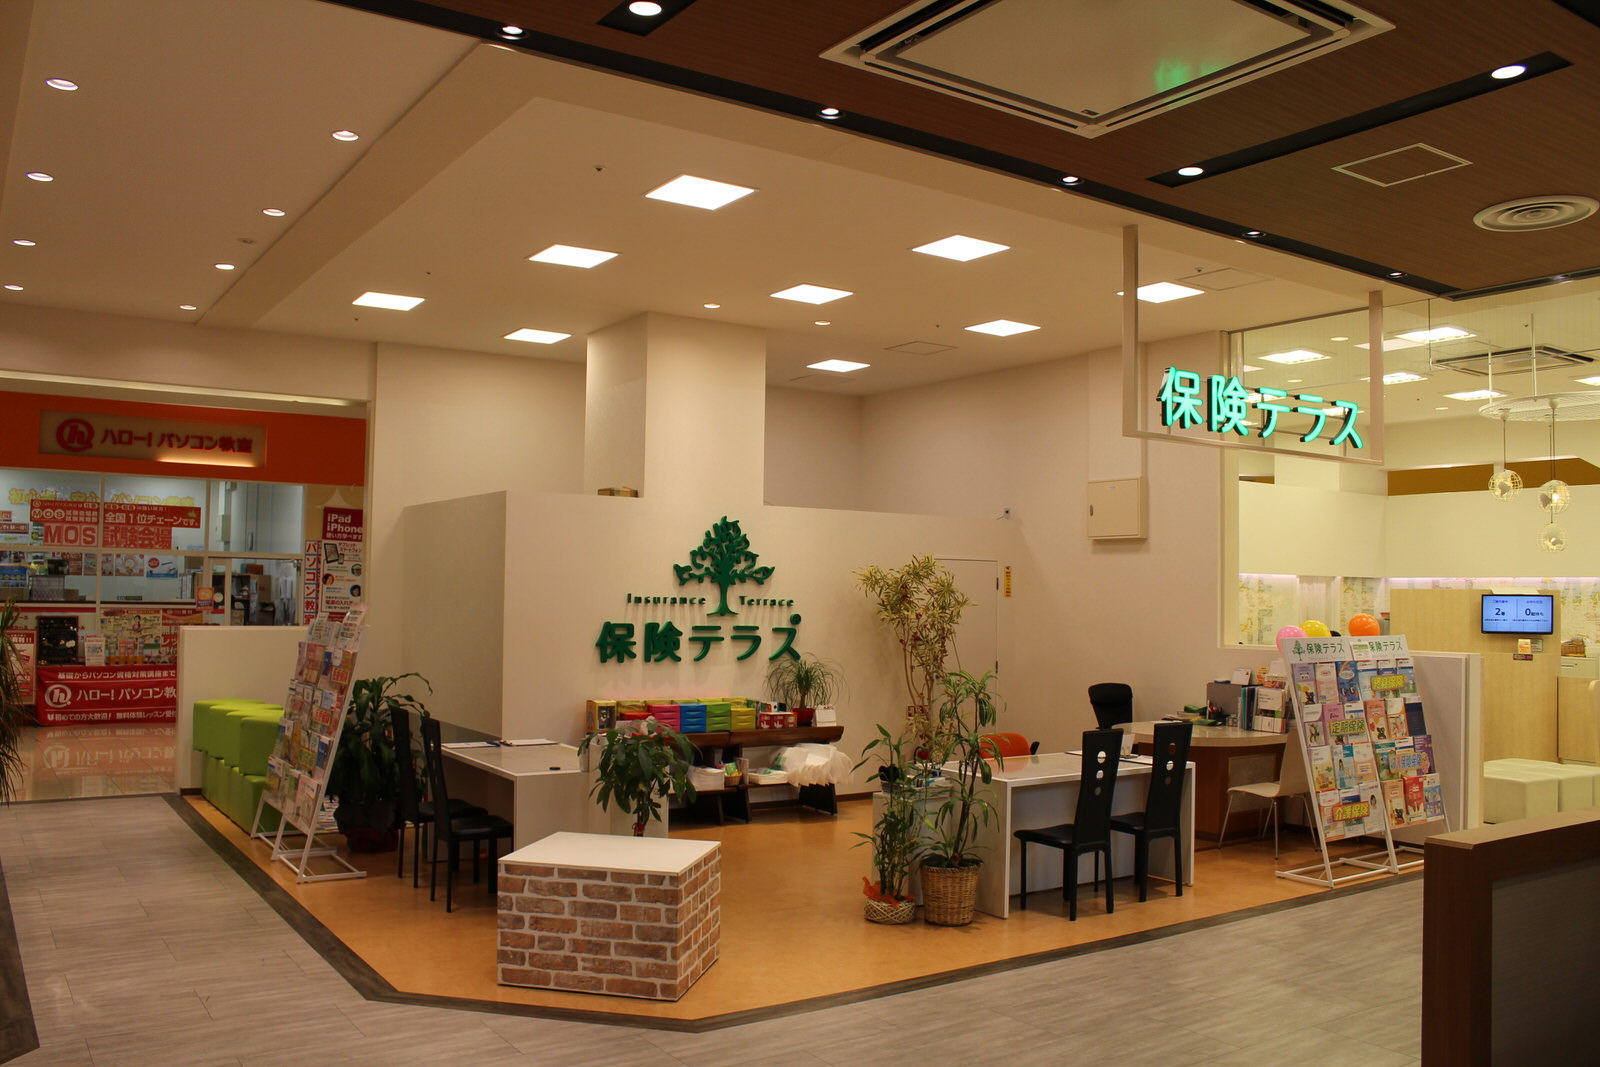 広島 イオン 祇園 モール